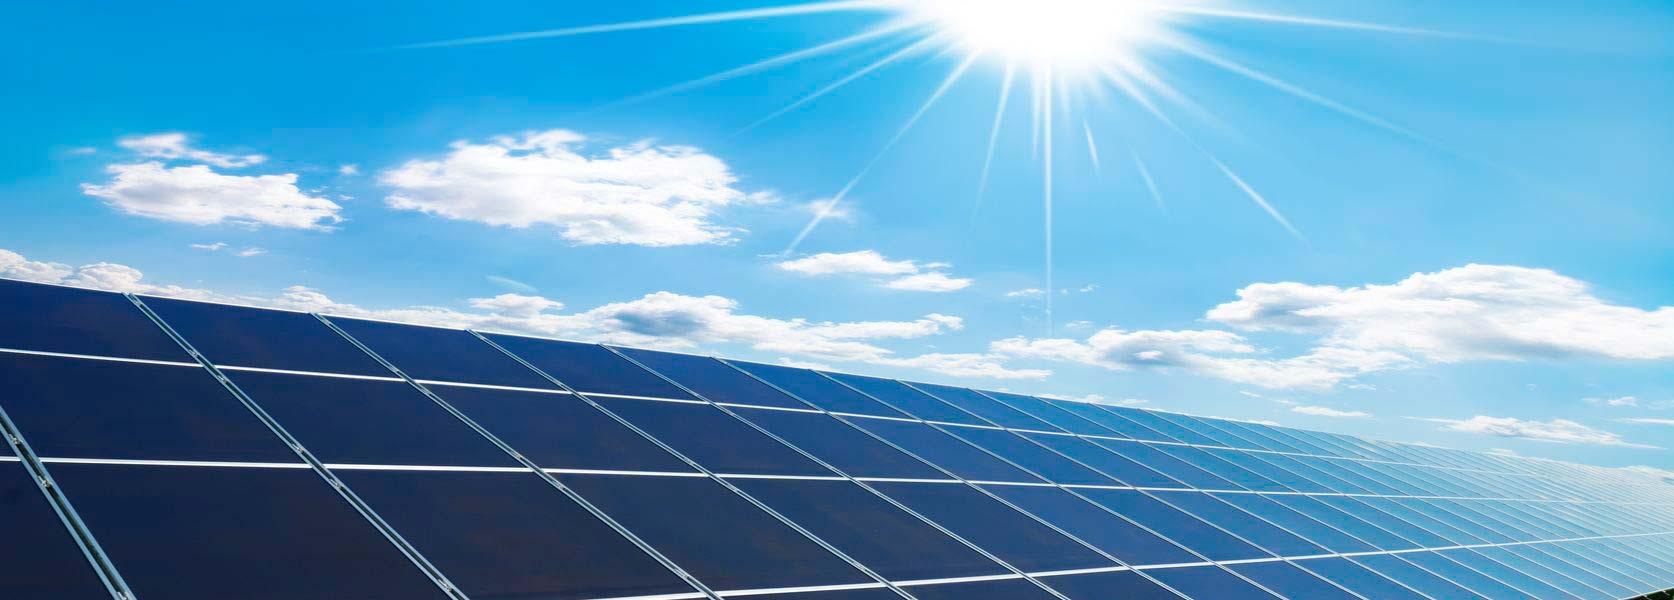 Precisa certificar placas solares?